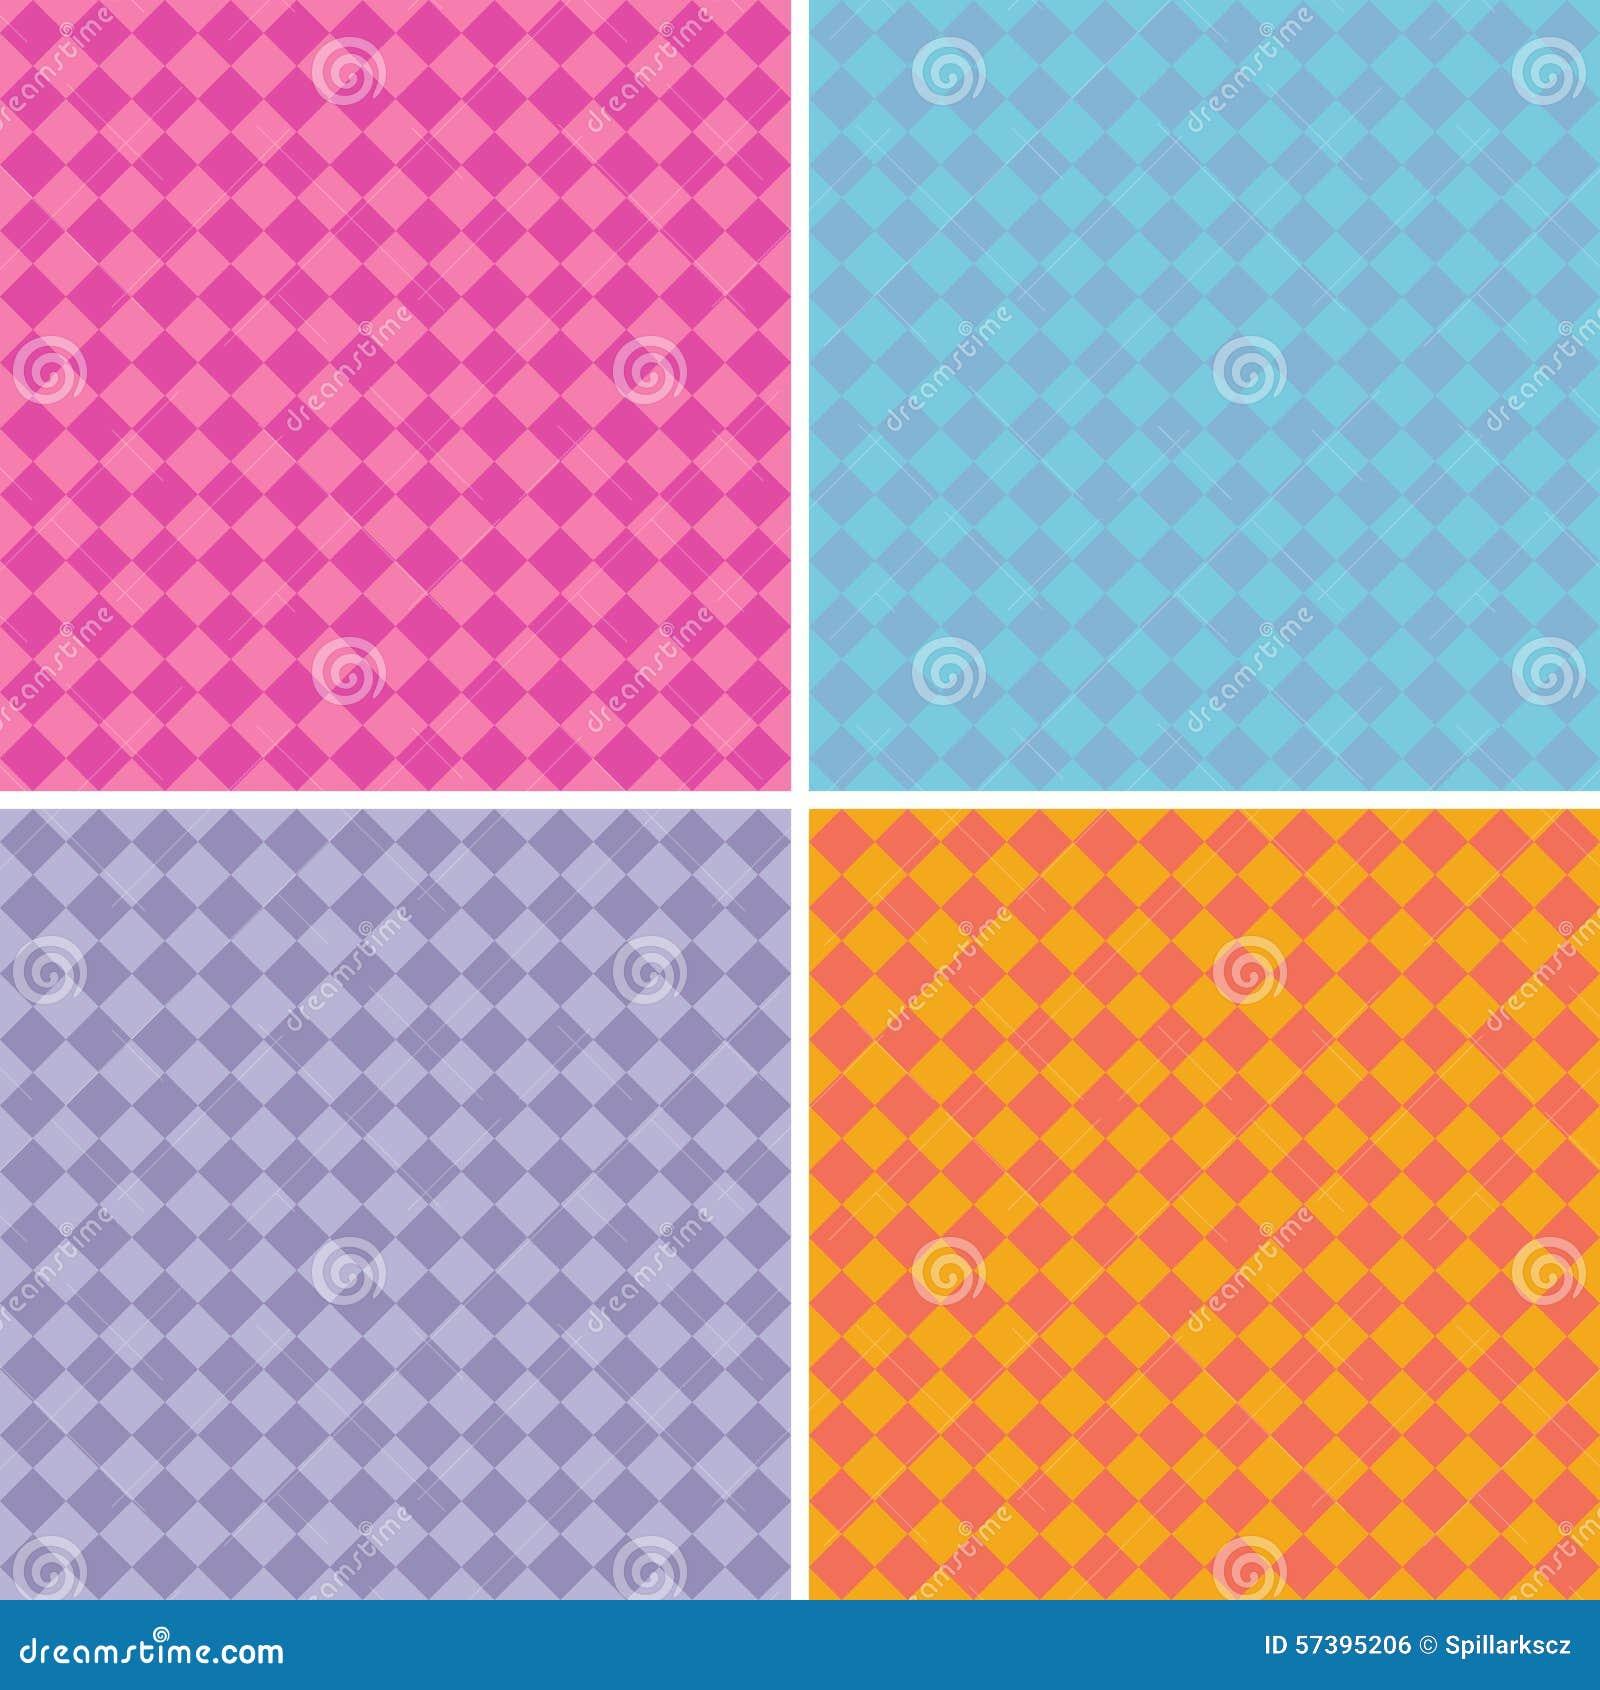 Van het achtergrond diamantpatroon inzameling in veelvoudige gemengde kleuren